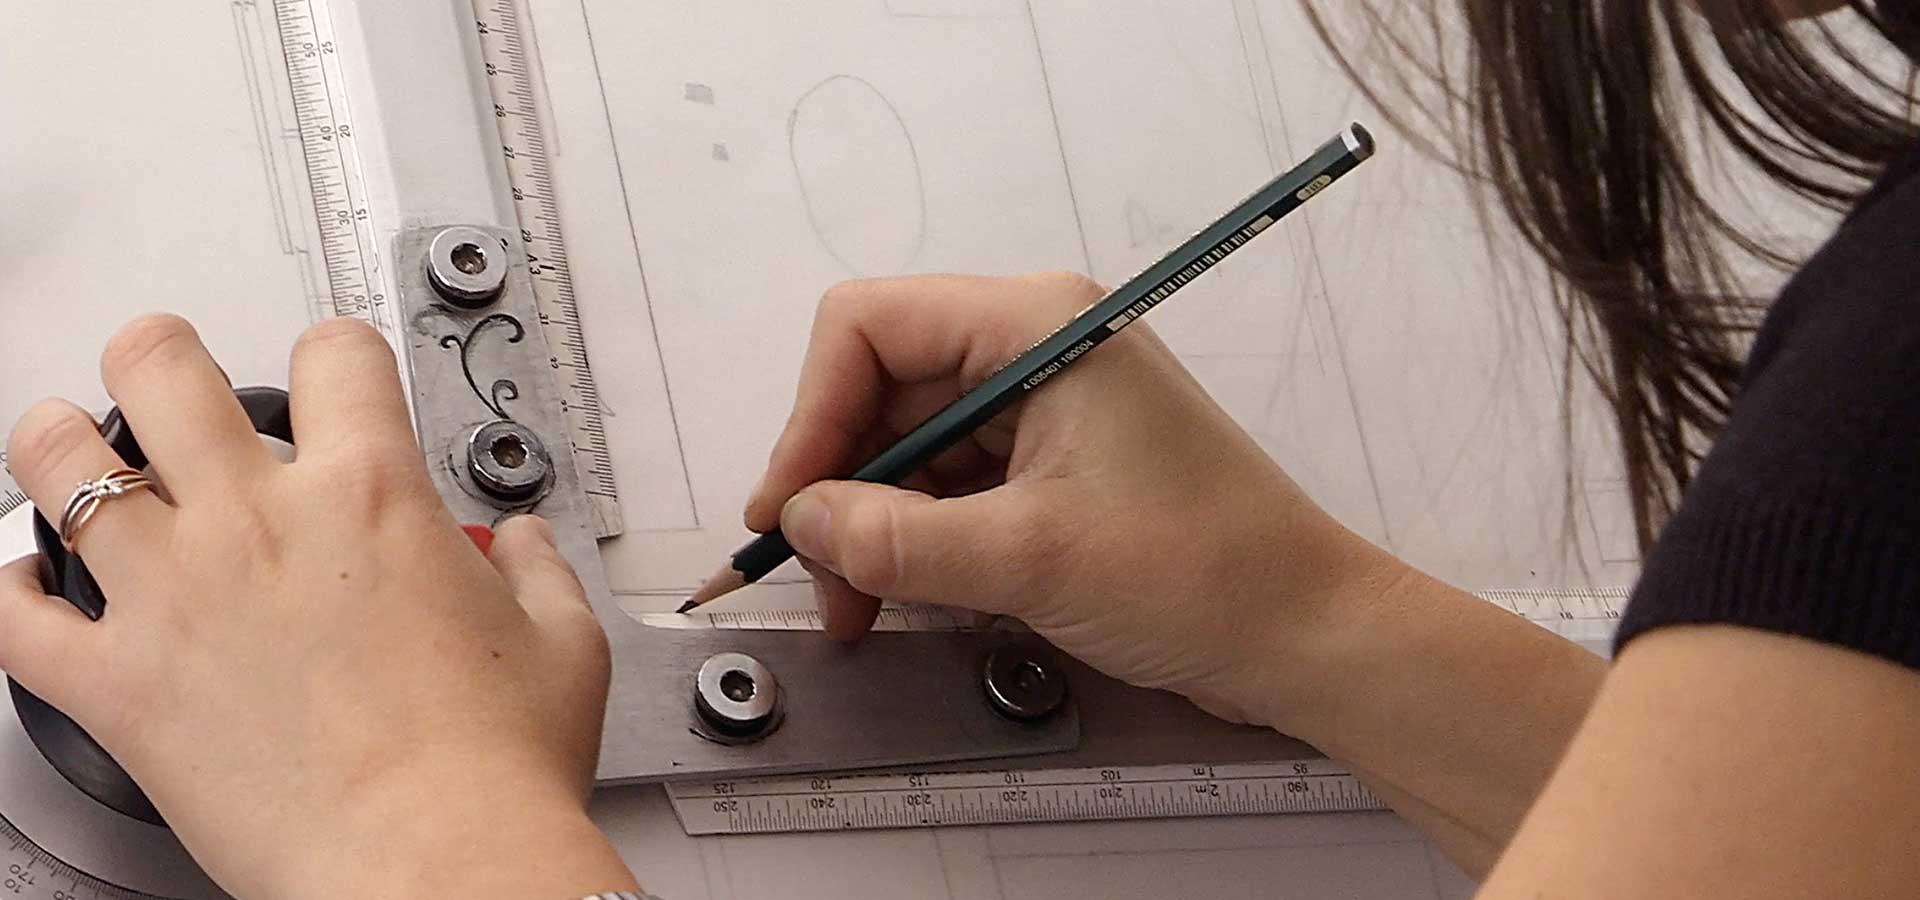 Progettazione e realizzazione arredamento e mobili su misura in provincia di Lecco, Como, Monza Brianza e Milano